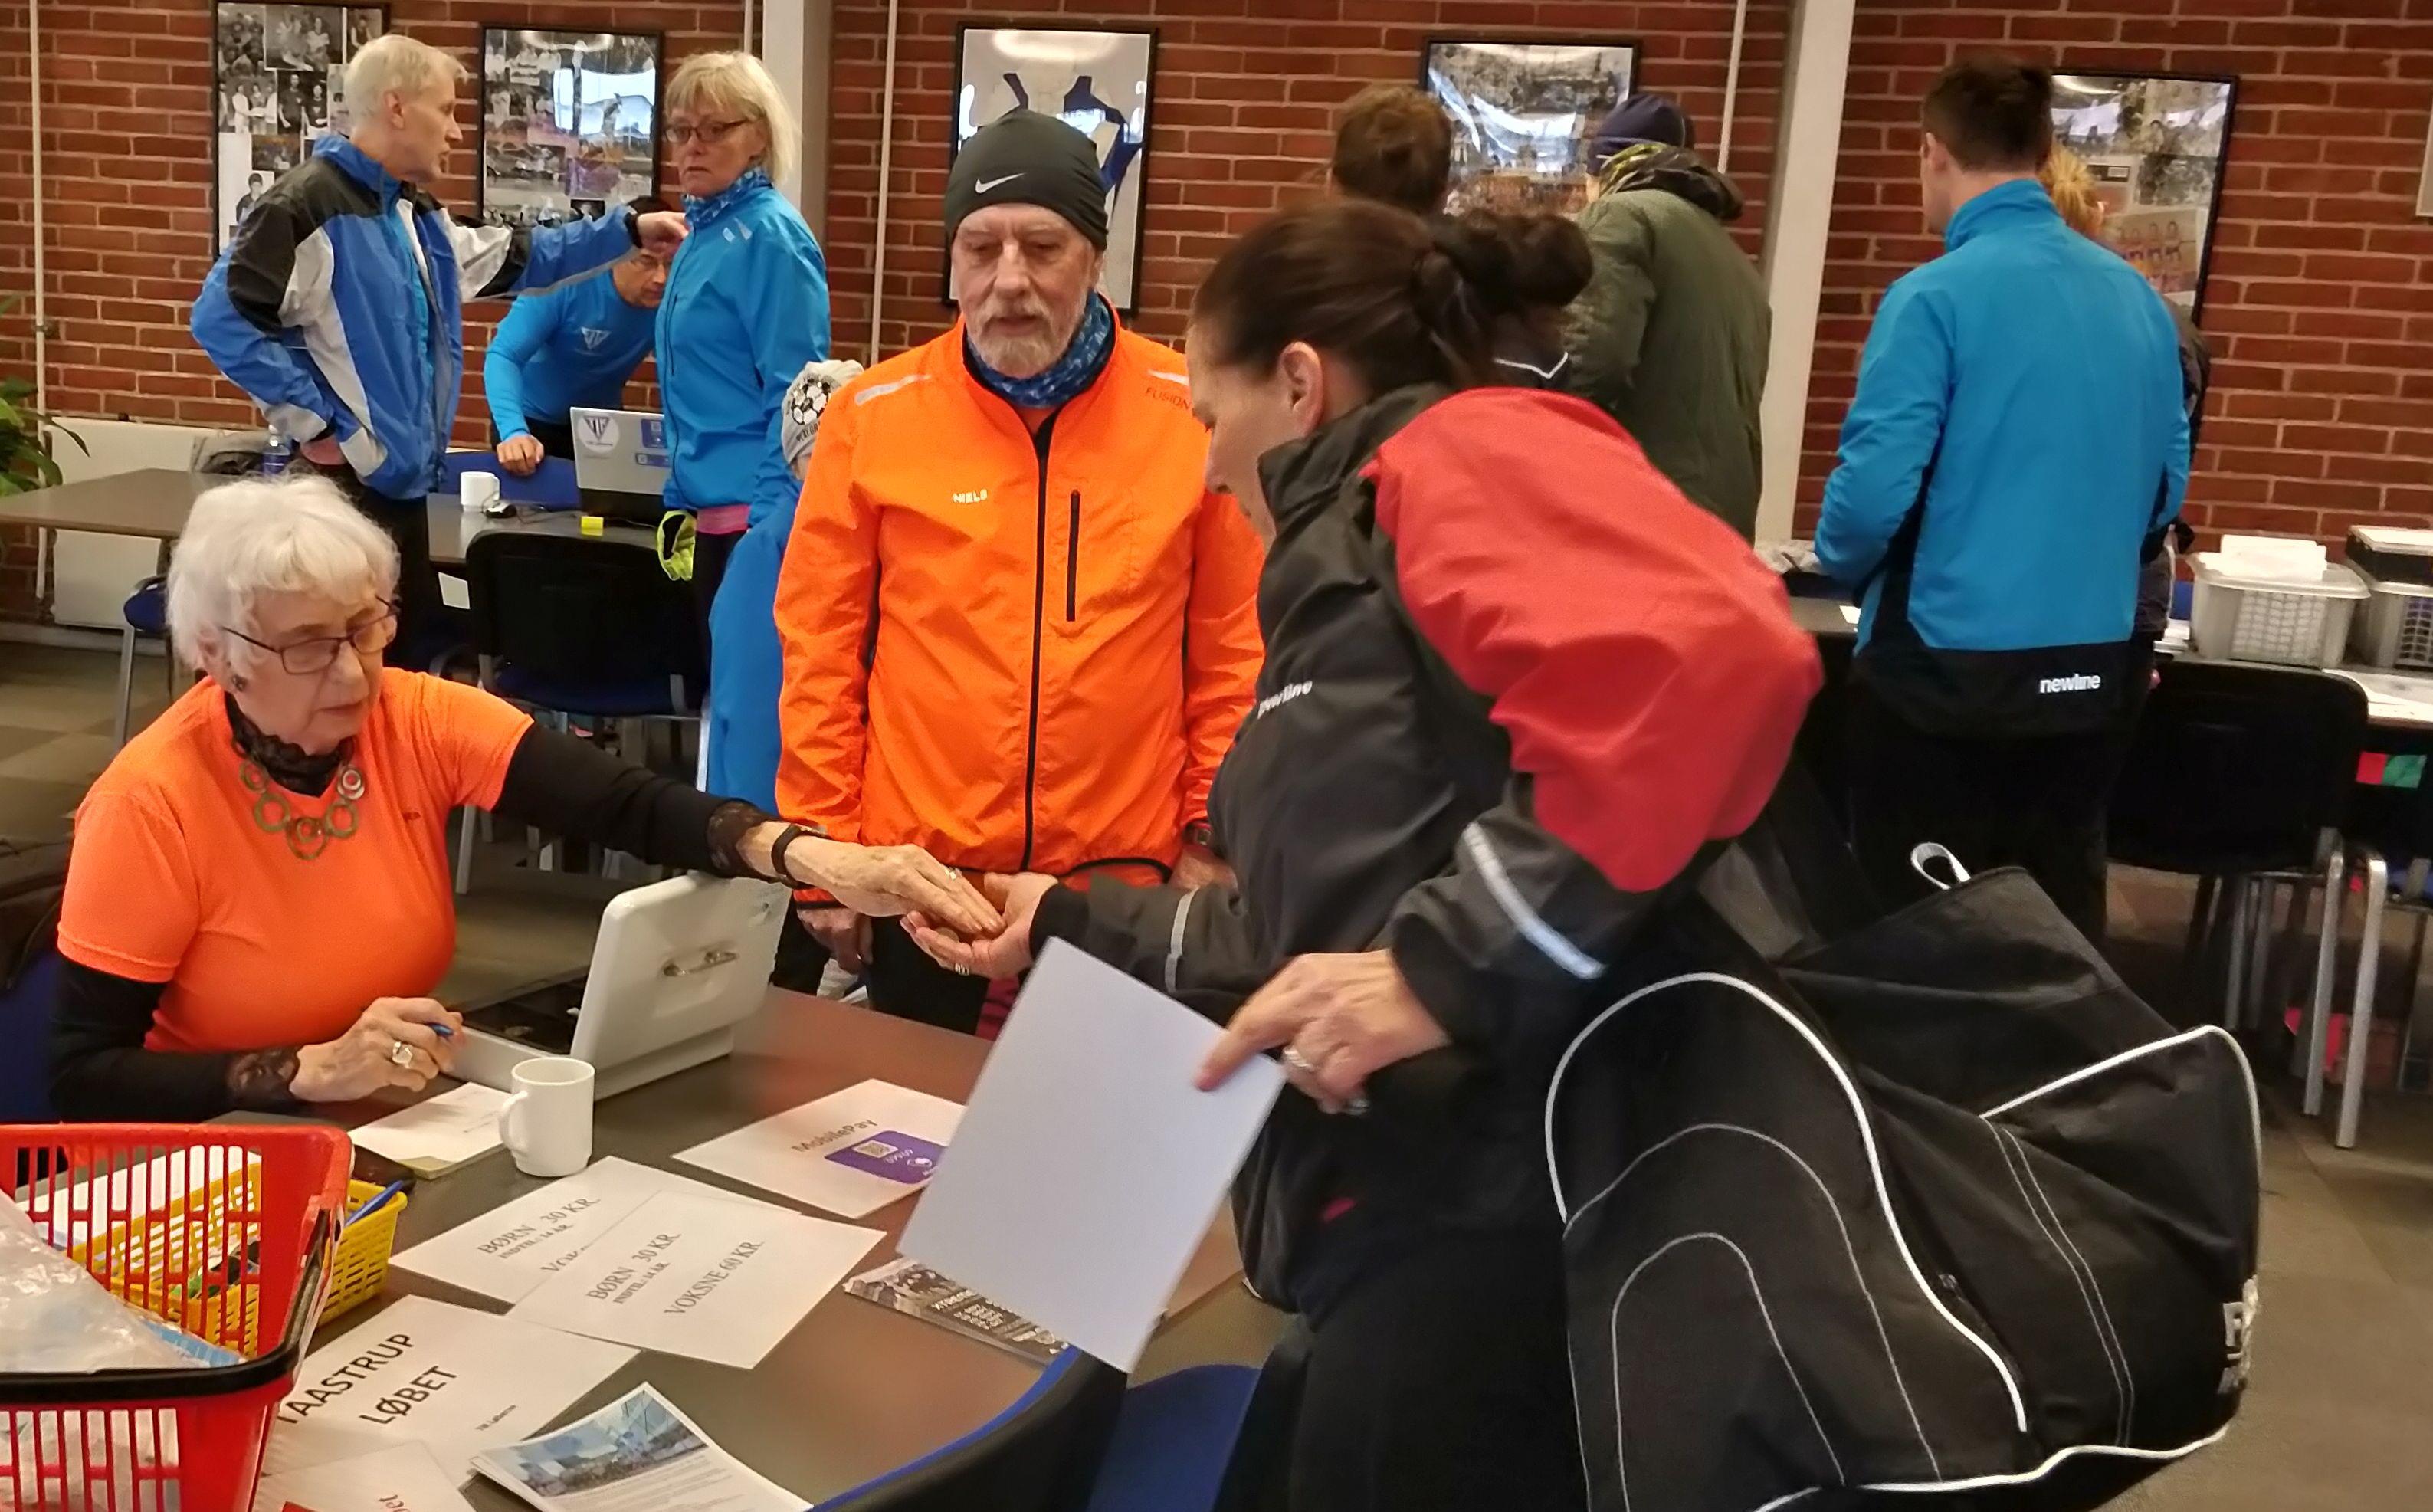 2020-02-09-260-Taastrup-Løbet-2020-02